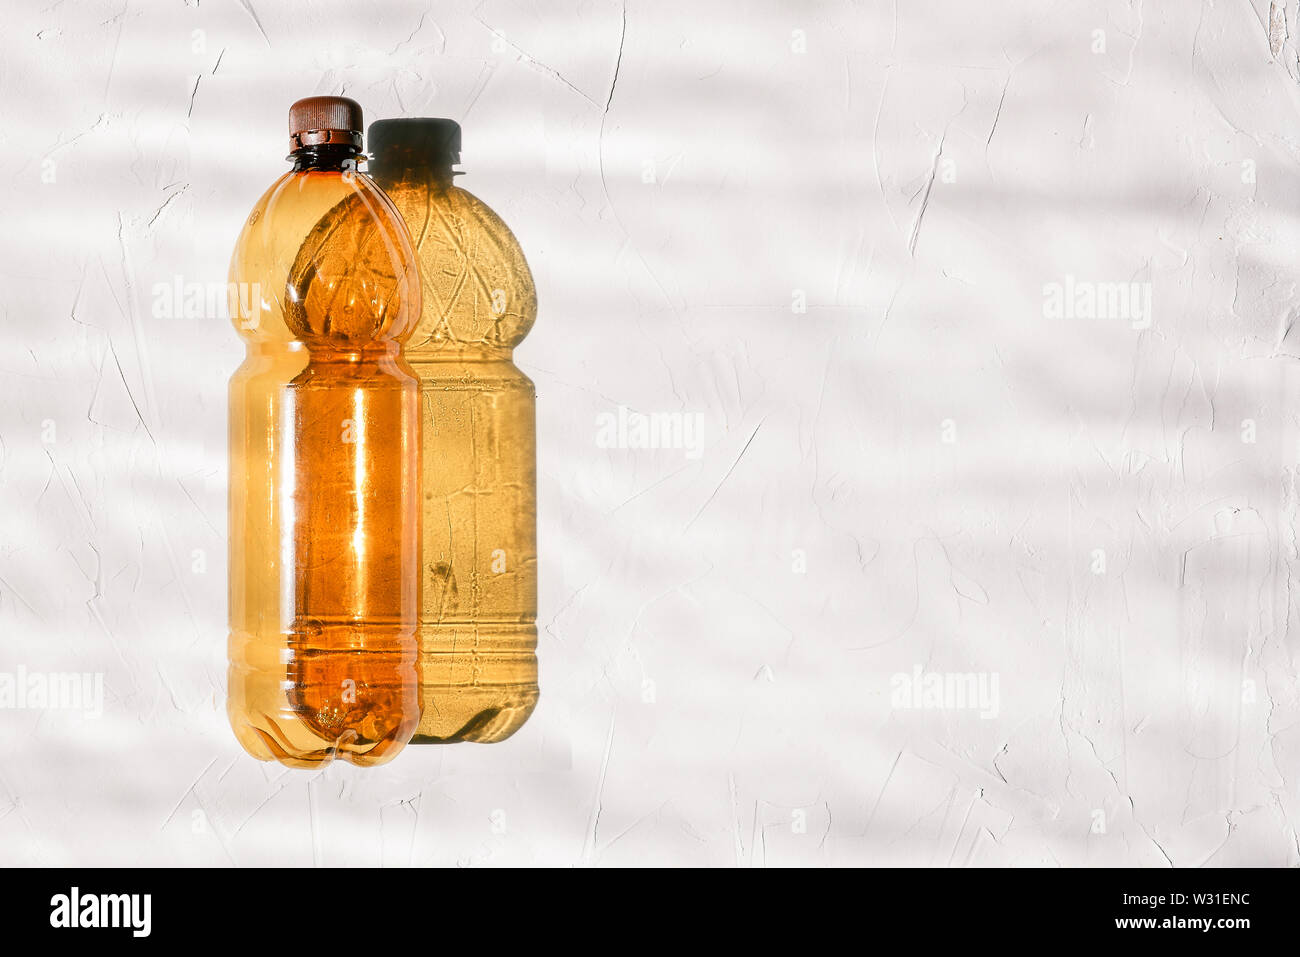 Bottiglia vuota su sfondo bianco. Dal flacone cade hard ombra. Bright sole splende. Concetto di ecologia, inquinamento di terra o la produzione di bottiglie. Copia Immagini Stock